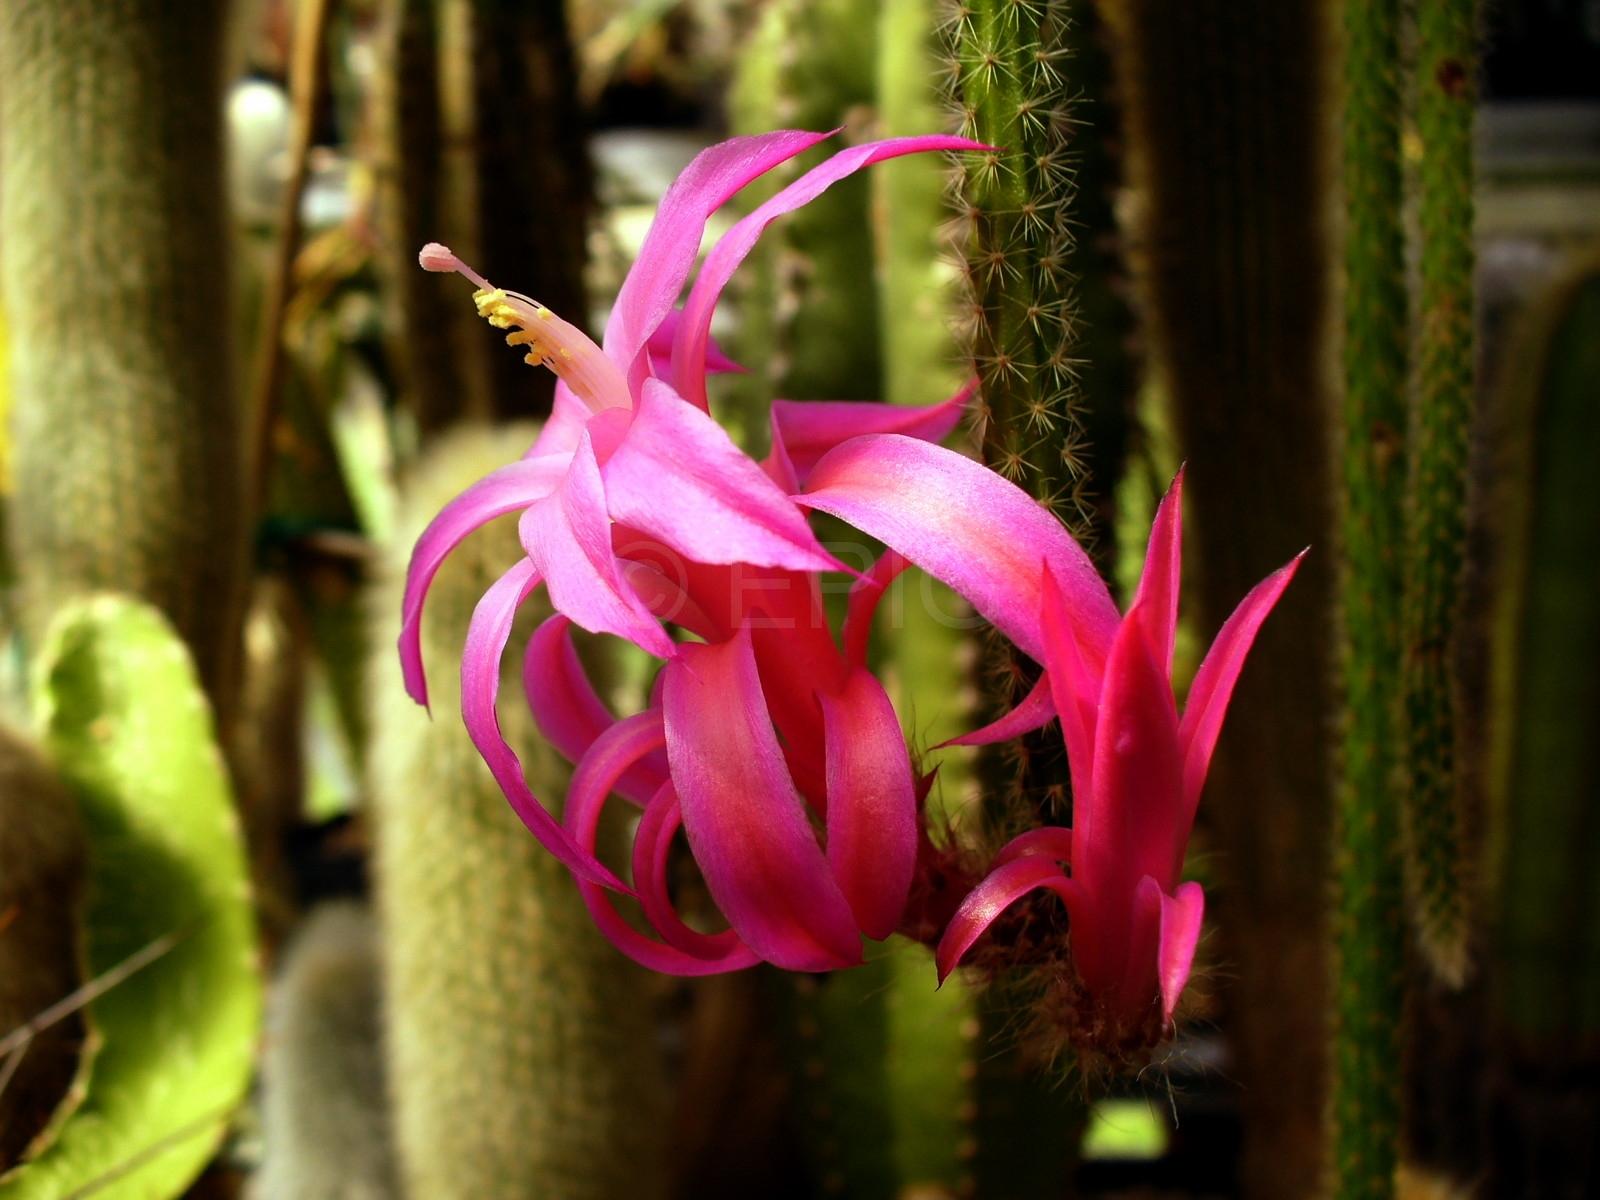 Aporocactus-flagelliformis-1819-2